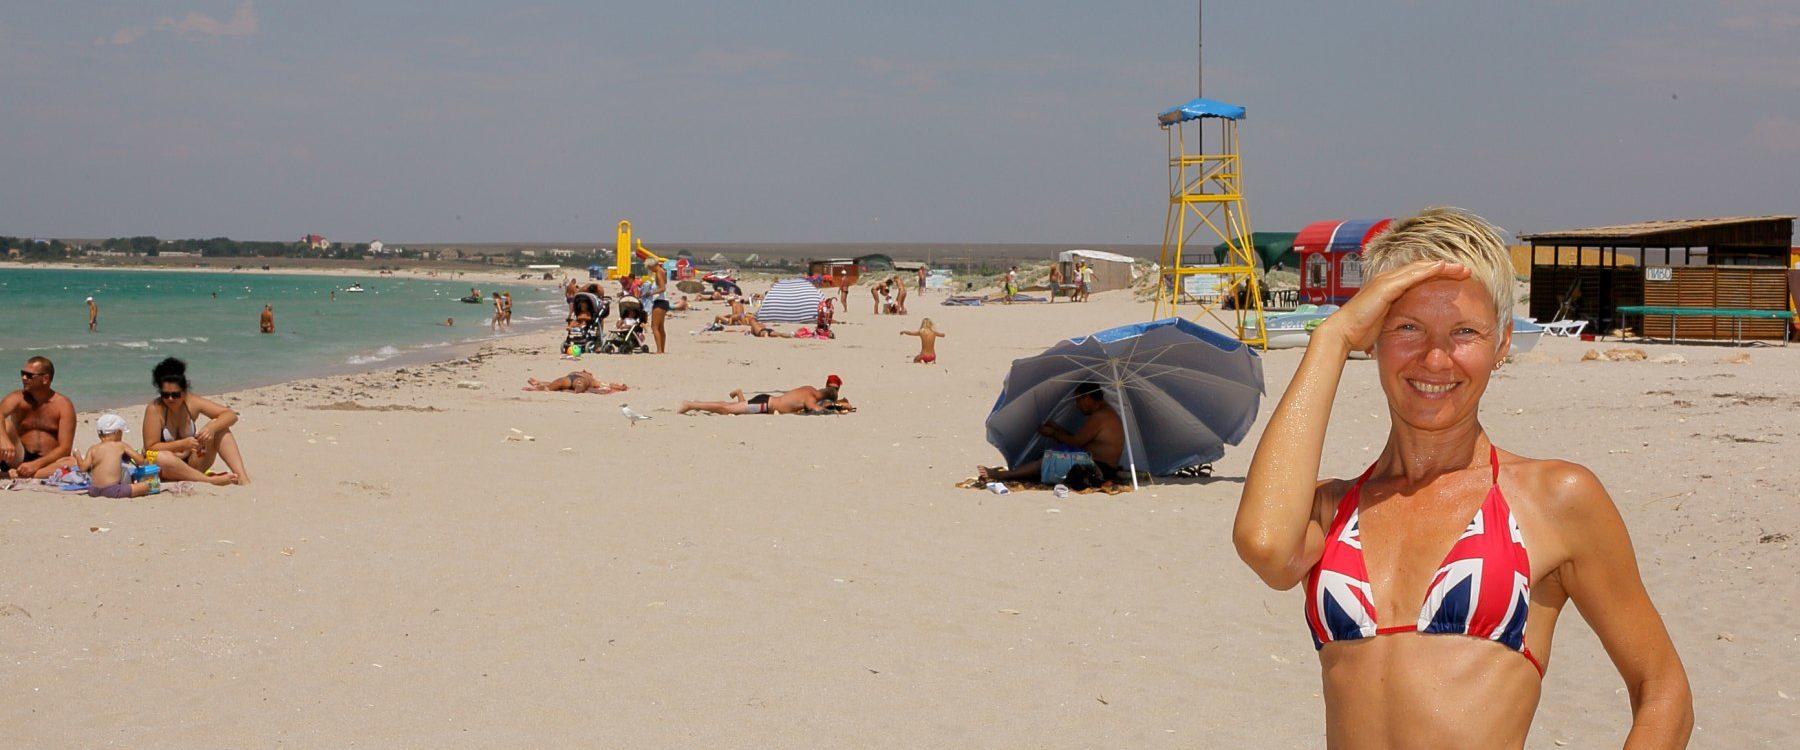 Песчанный пляж в оленевке